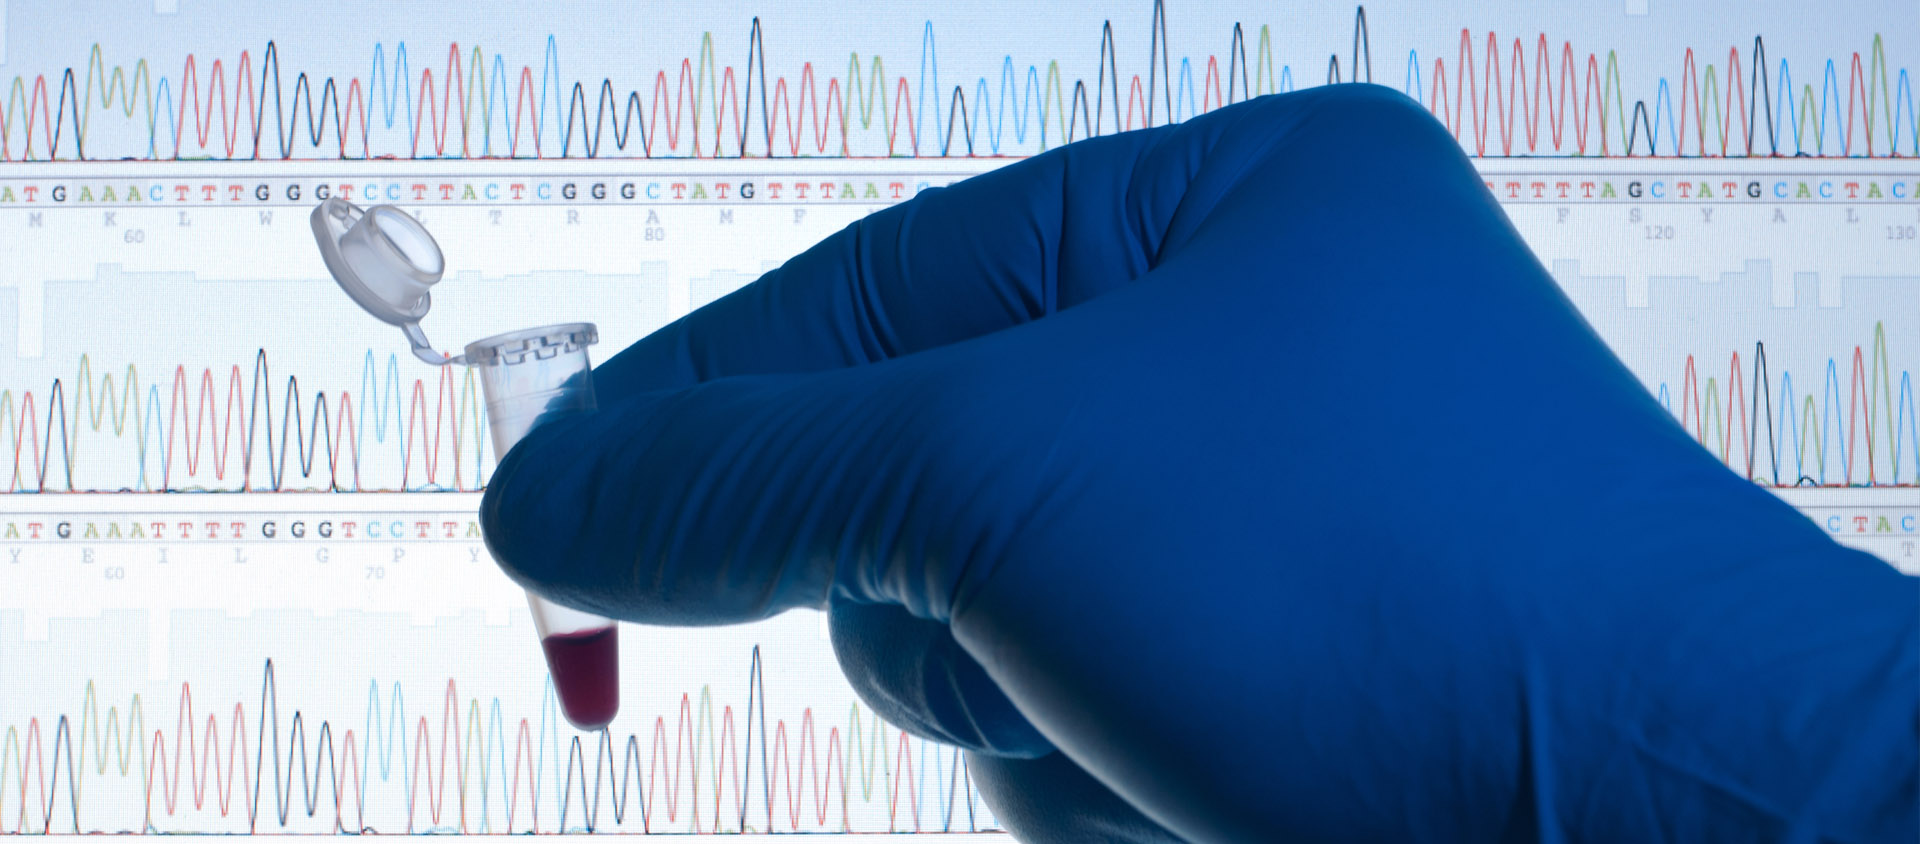 Biology / DNA